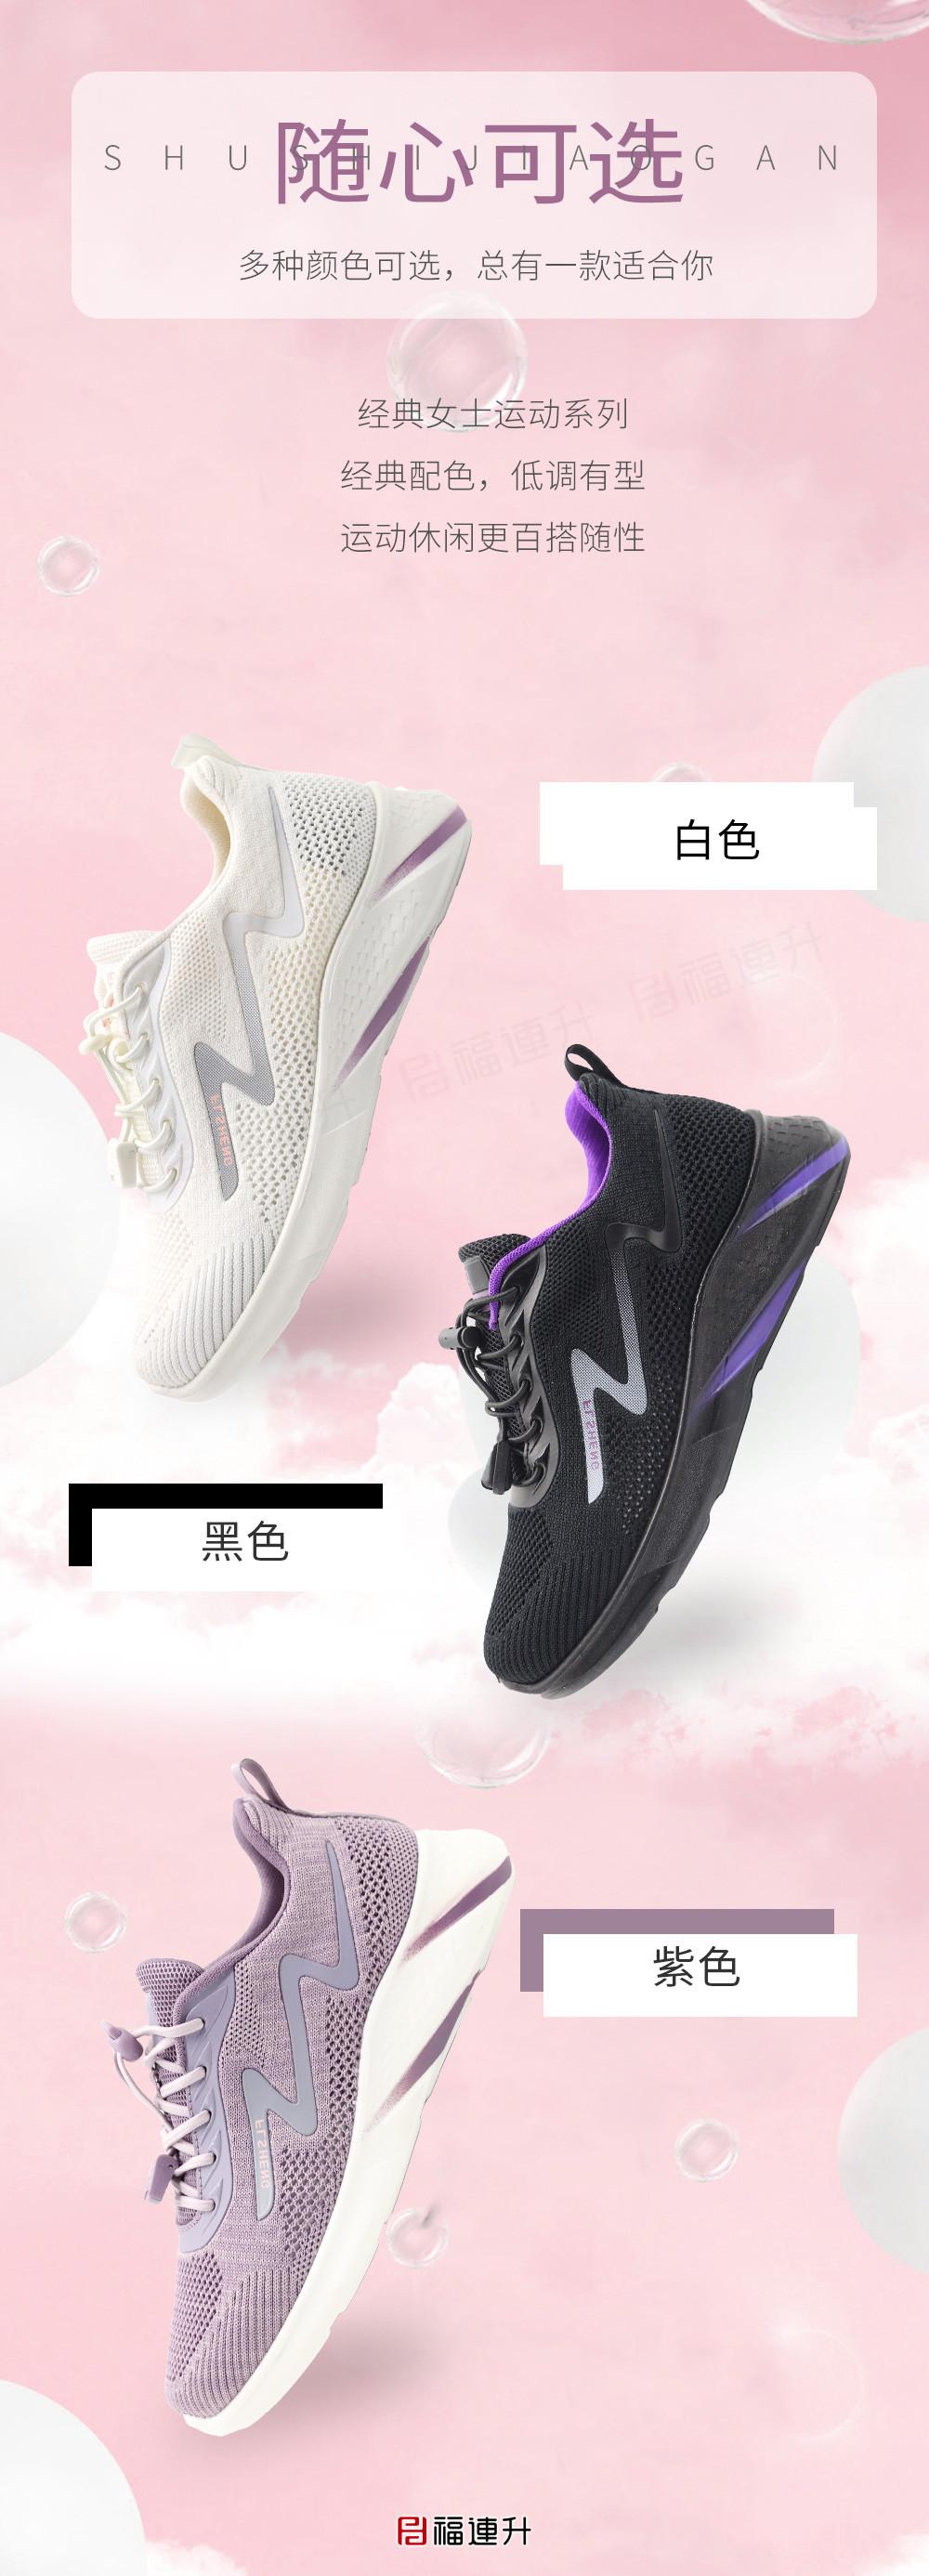 福連升夏季女式網孔透氣休閑運動鞋飛織漫步軟底跑步鞋圖片